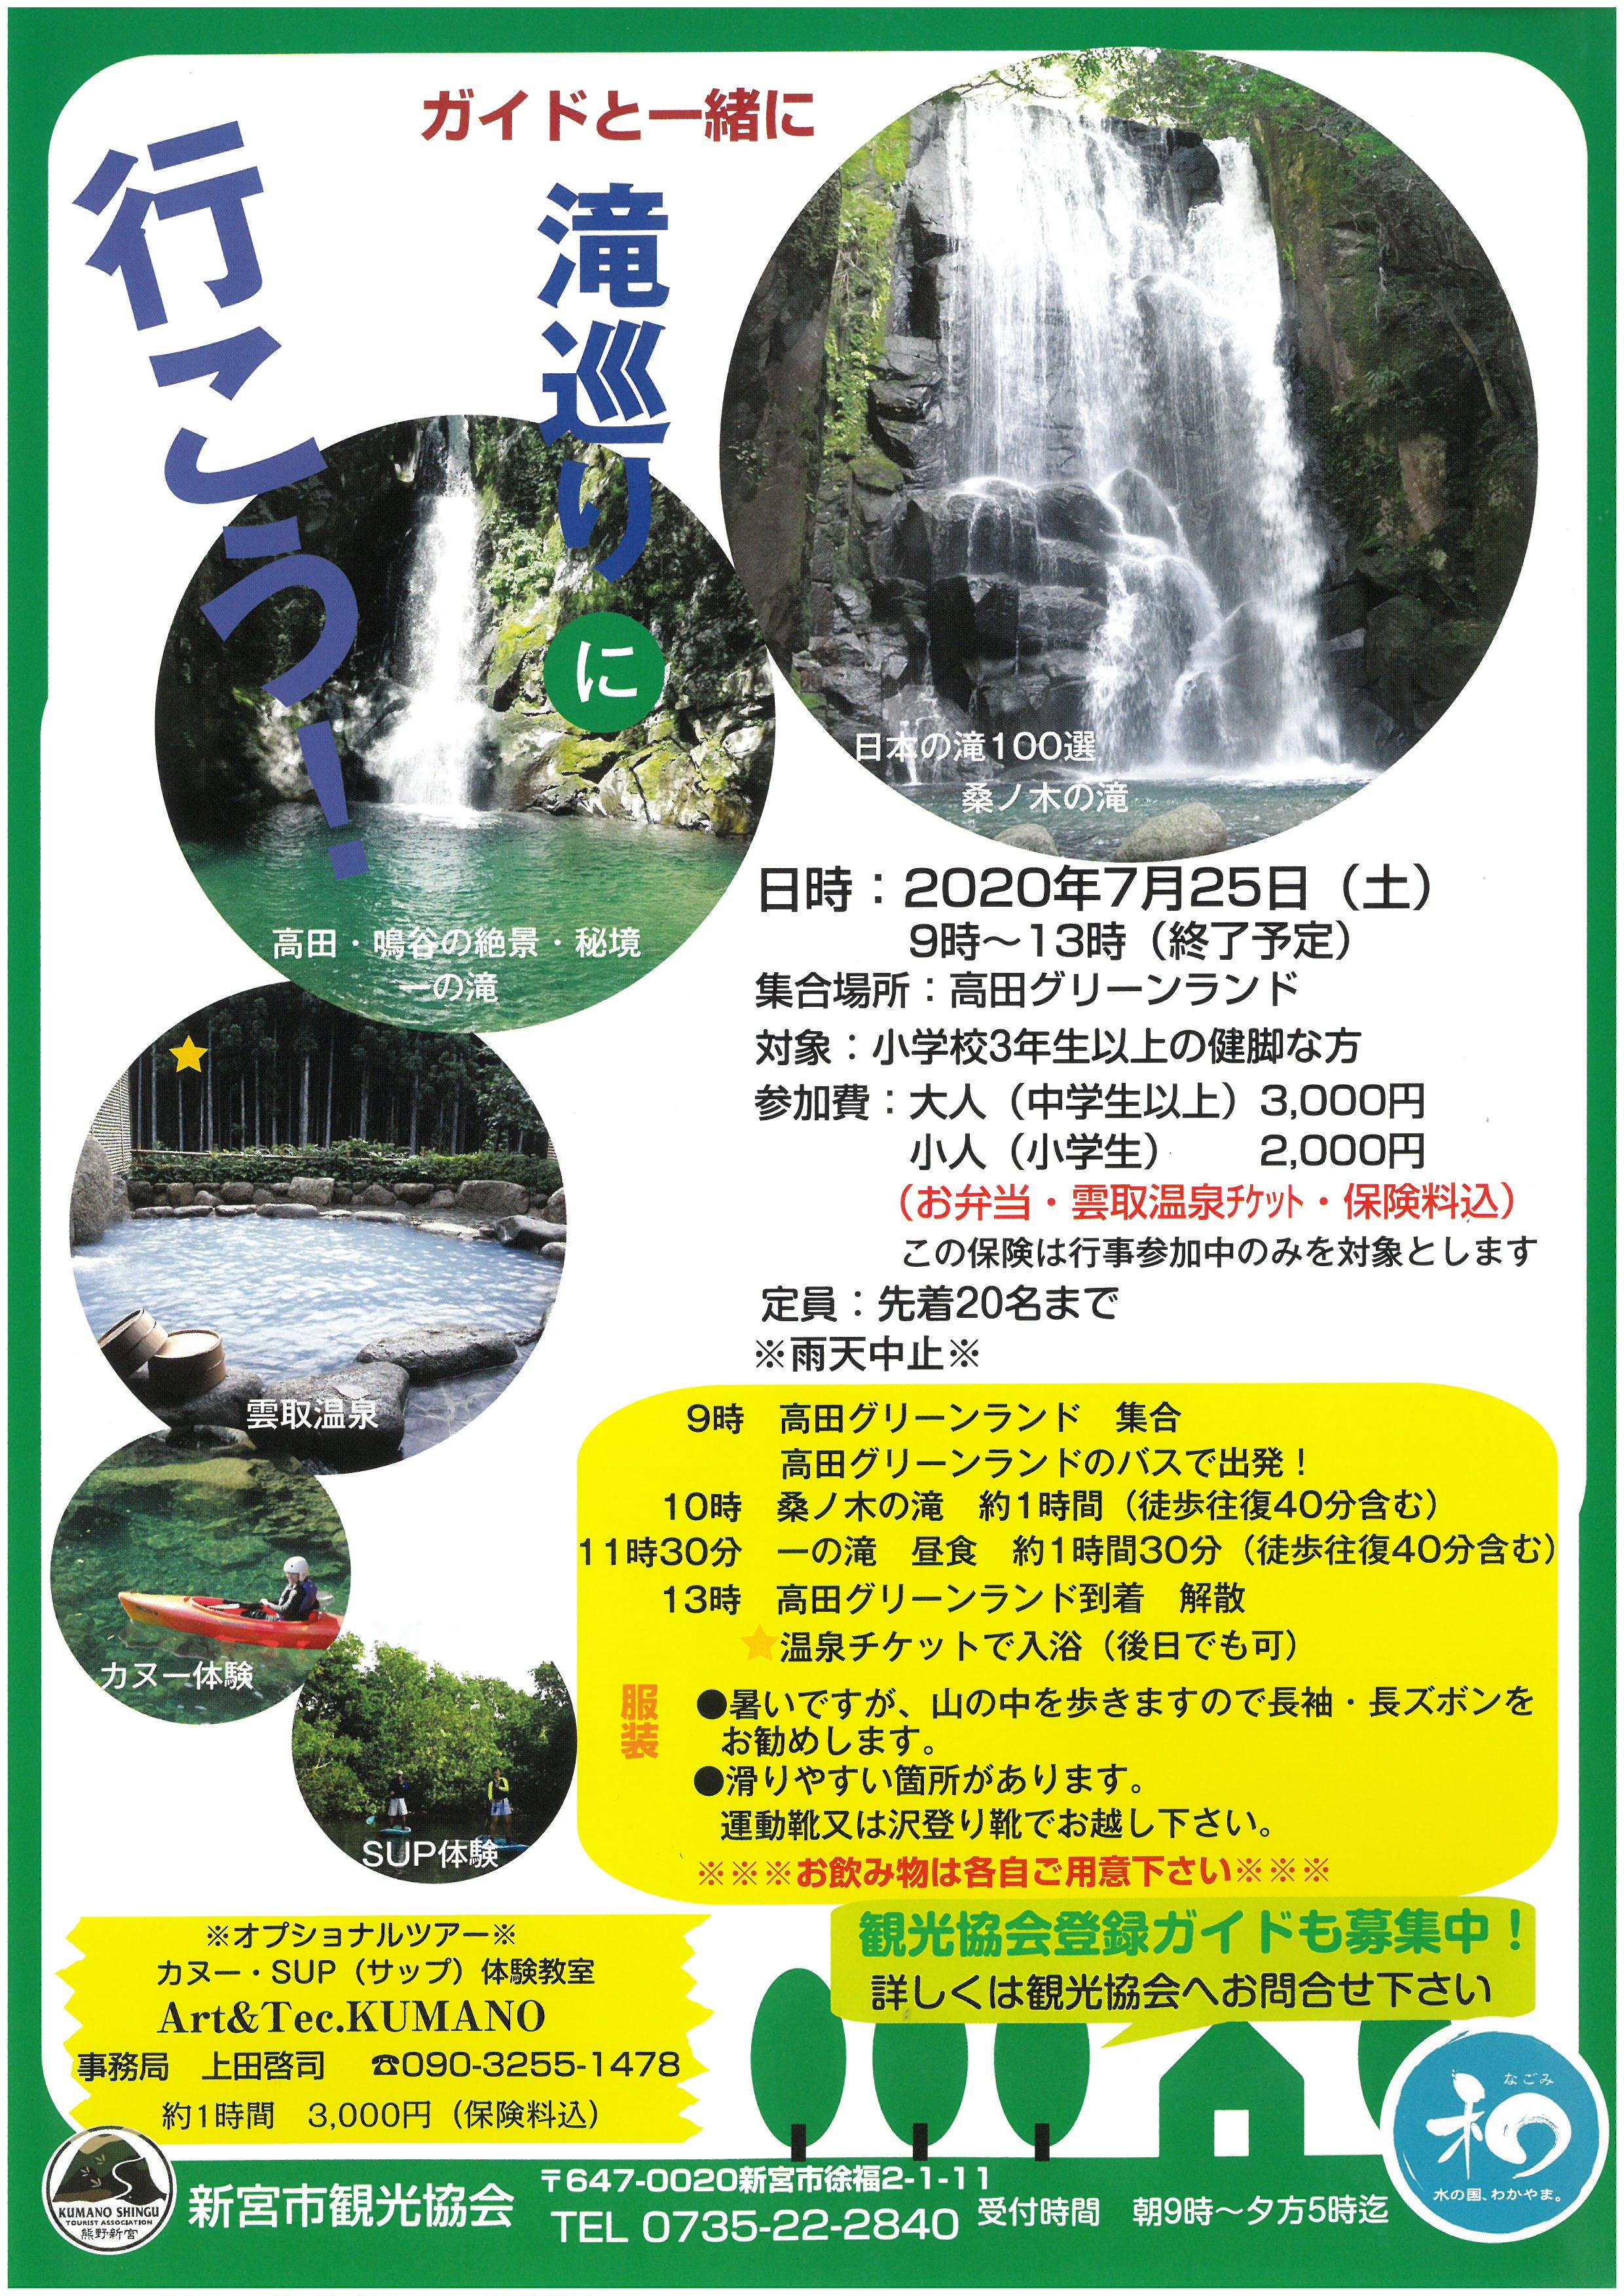 滝巡りツアーの開催について!※天候不良の為、中止になりました。